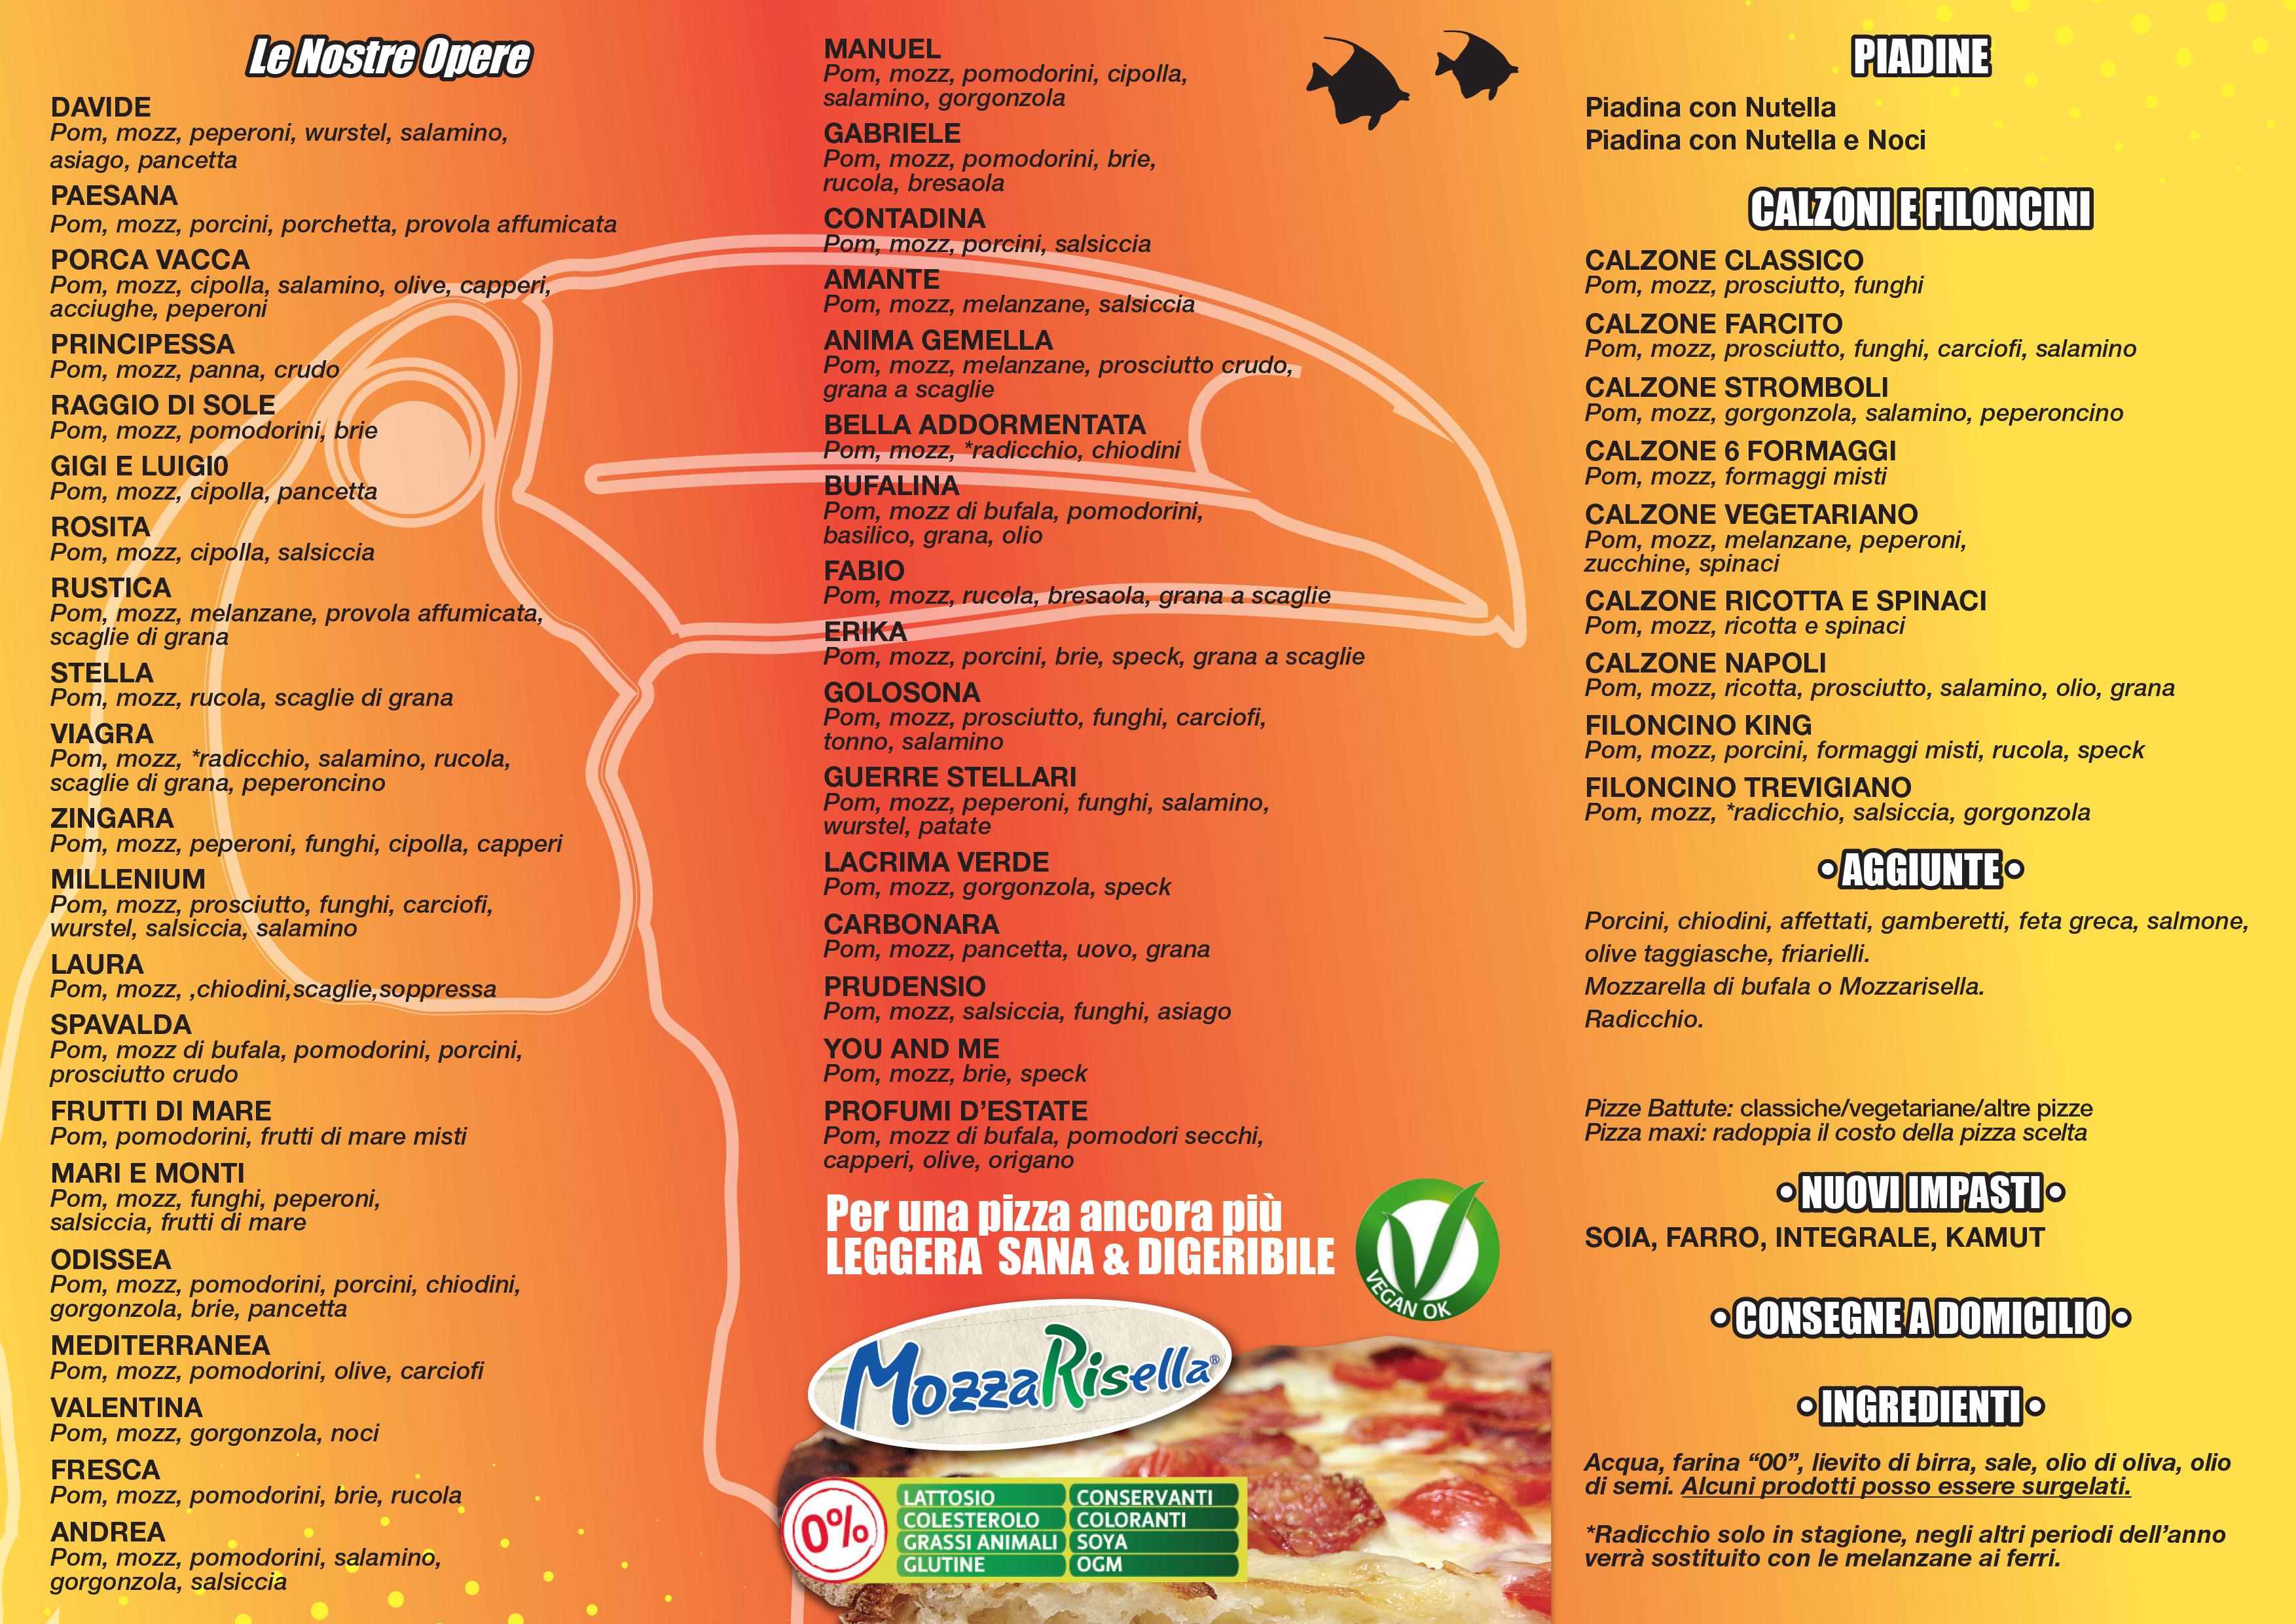 06-10-14-LISITINO-tropical-pizza-VEDELAGO-2